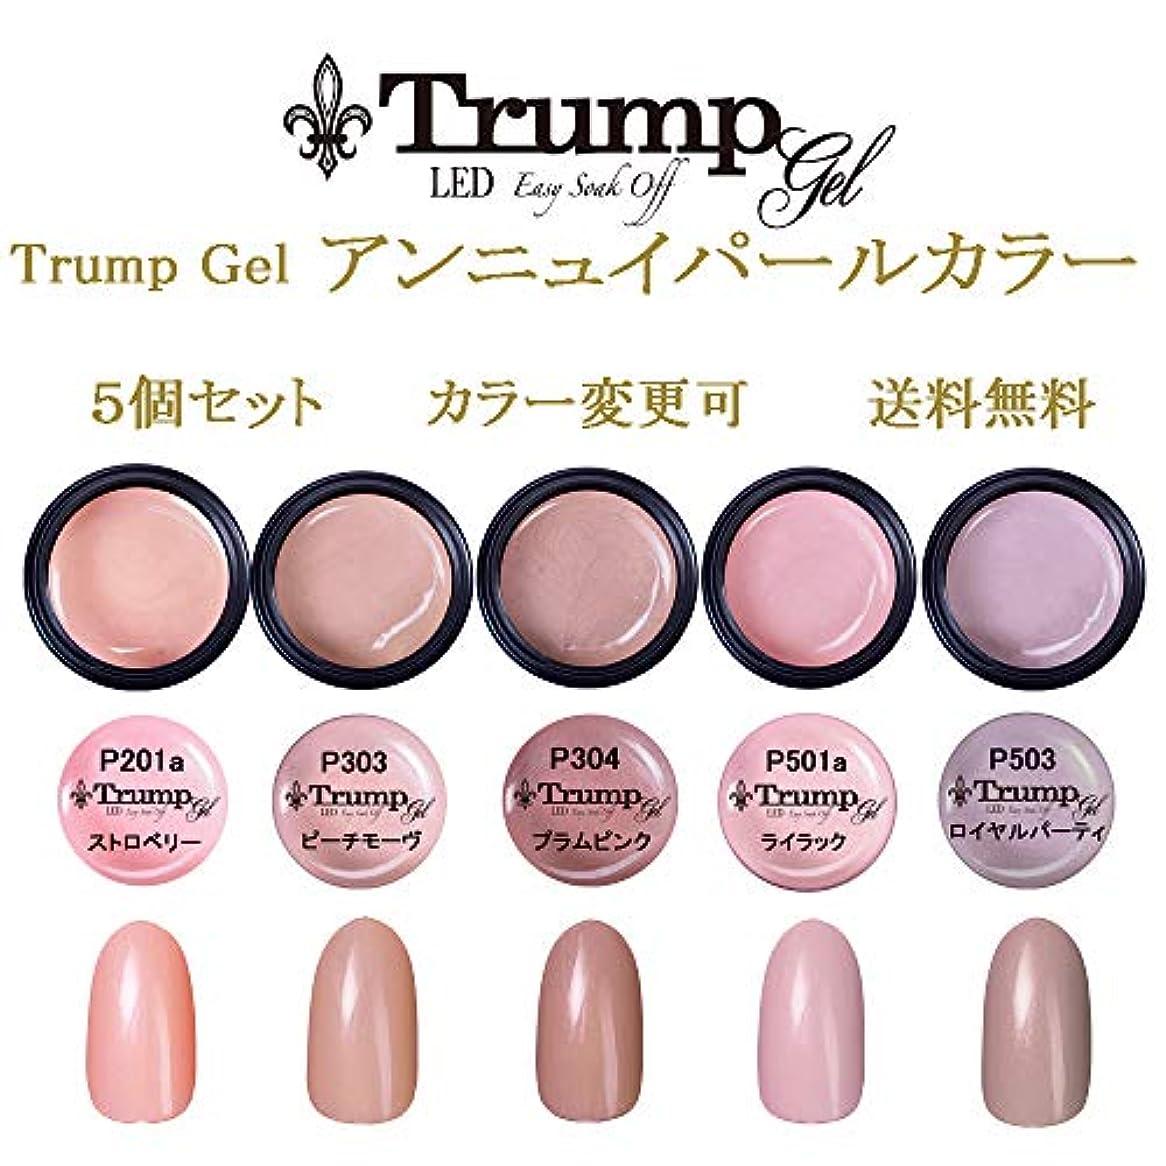 からに変化する書誌コウモリ日本製 Trump gel トランプジェル アンニュイ パール 選べる カラージェル 5個セット ピンク ベージュ パープル